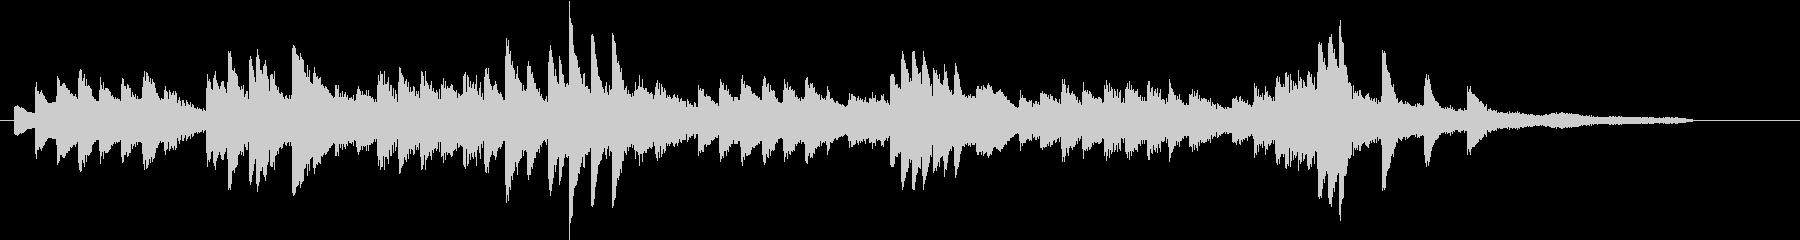 優美で美しいチャイニーズピアノジングルの未再生の波形